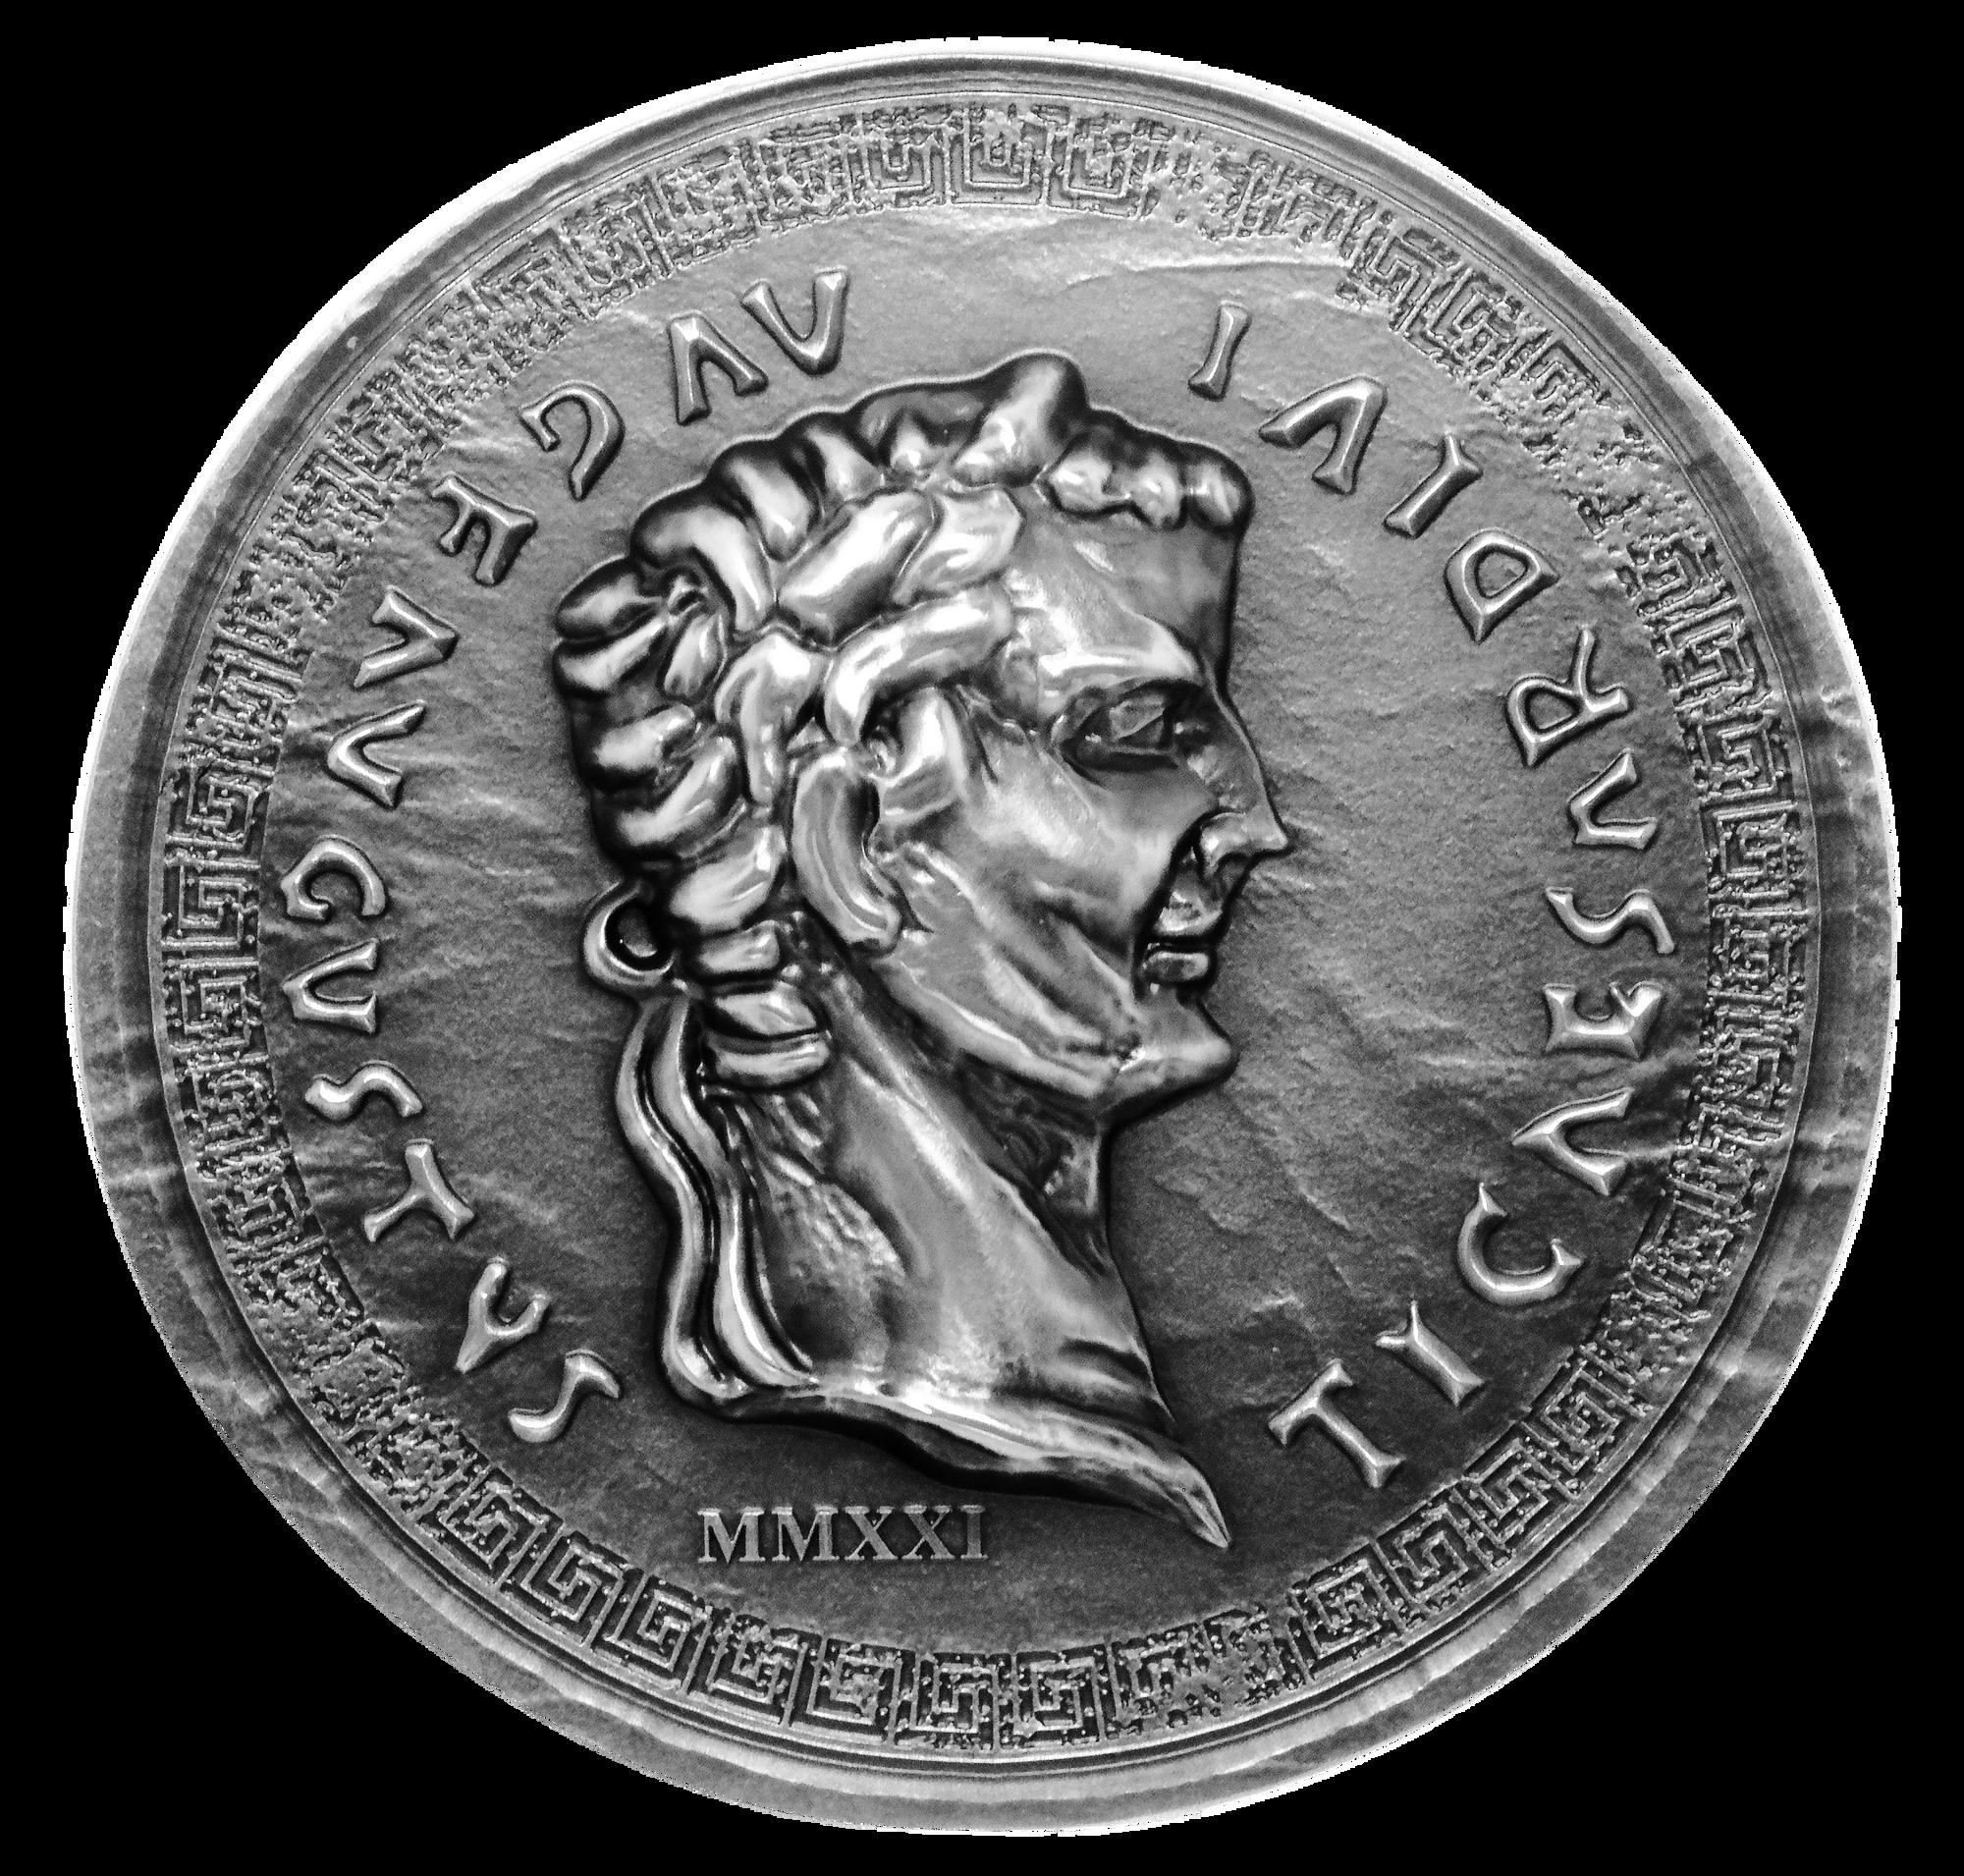 2021 Roman Empire Tiberius 1oz Silver Coin